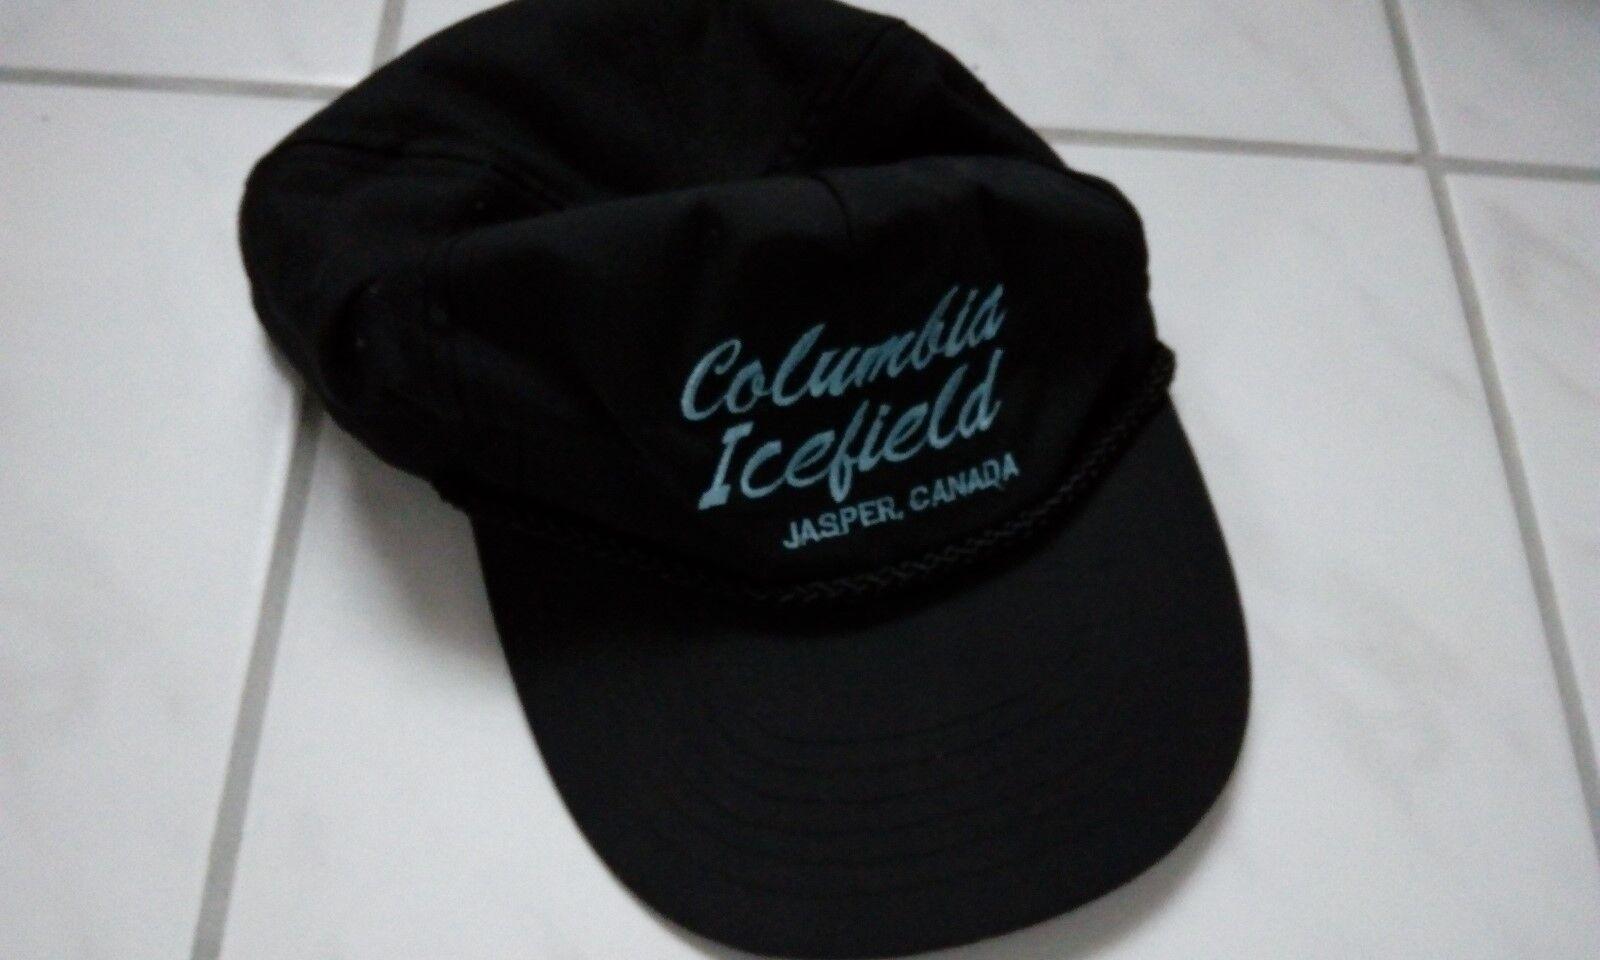 Basecap / Hut / Cap / Mütze /Schrimmütze / Columbia Icefield